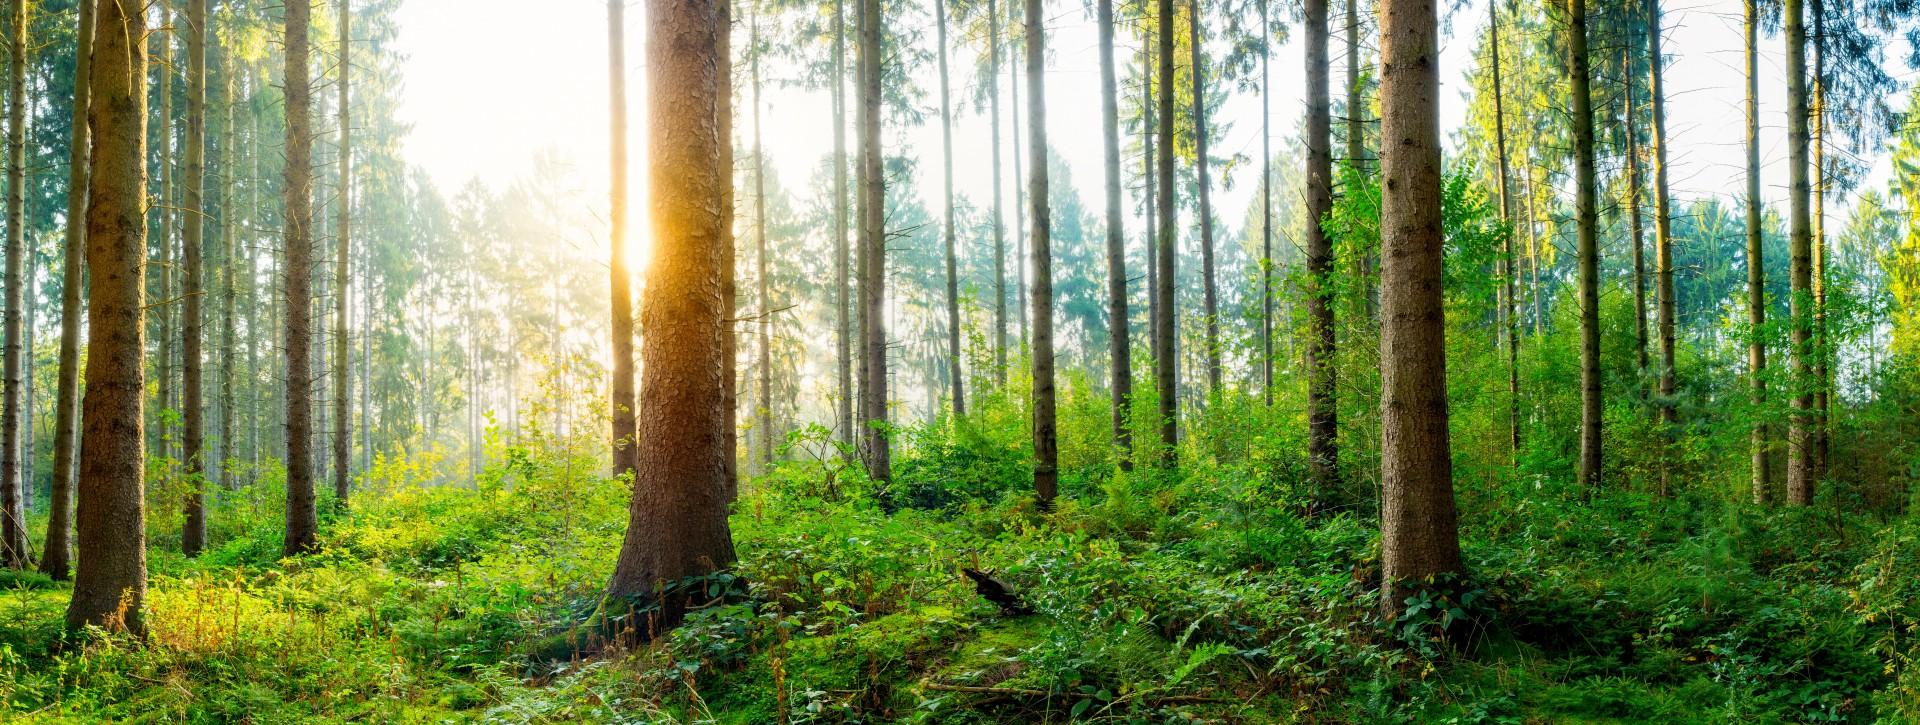 Landmarkt Nachhaltigkeit